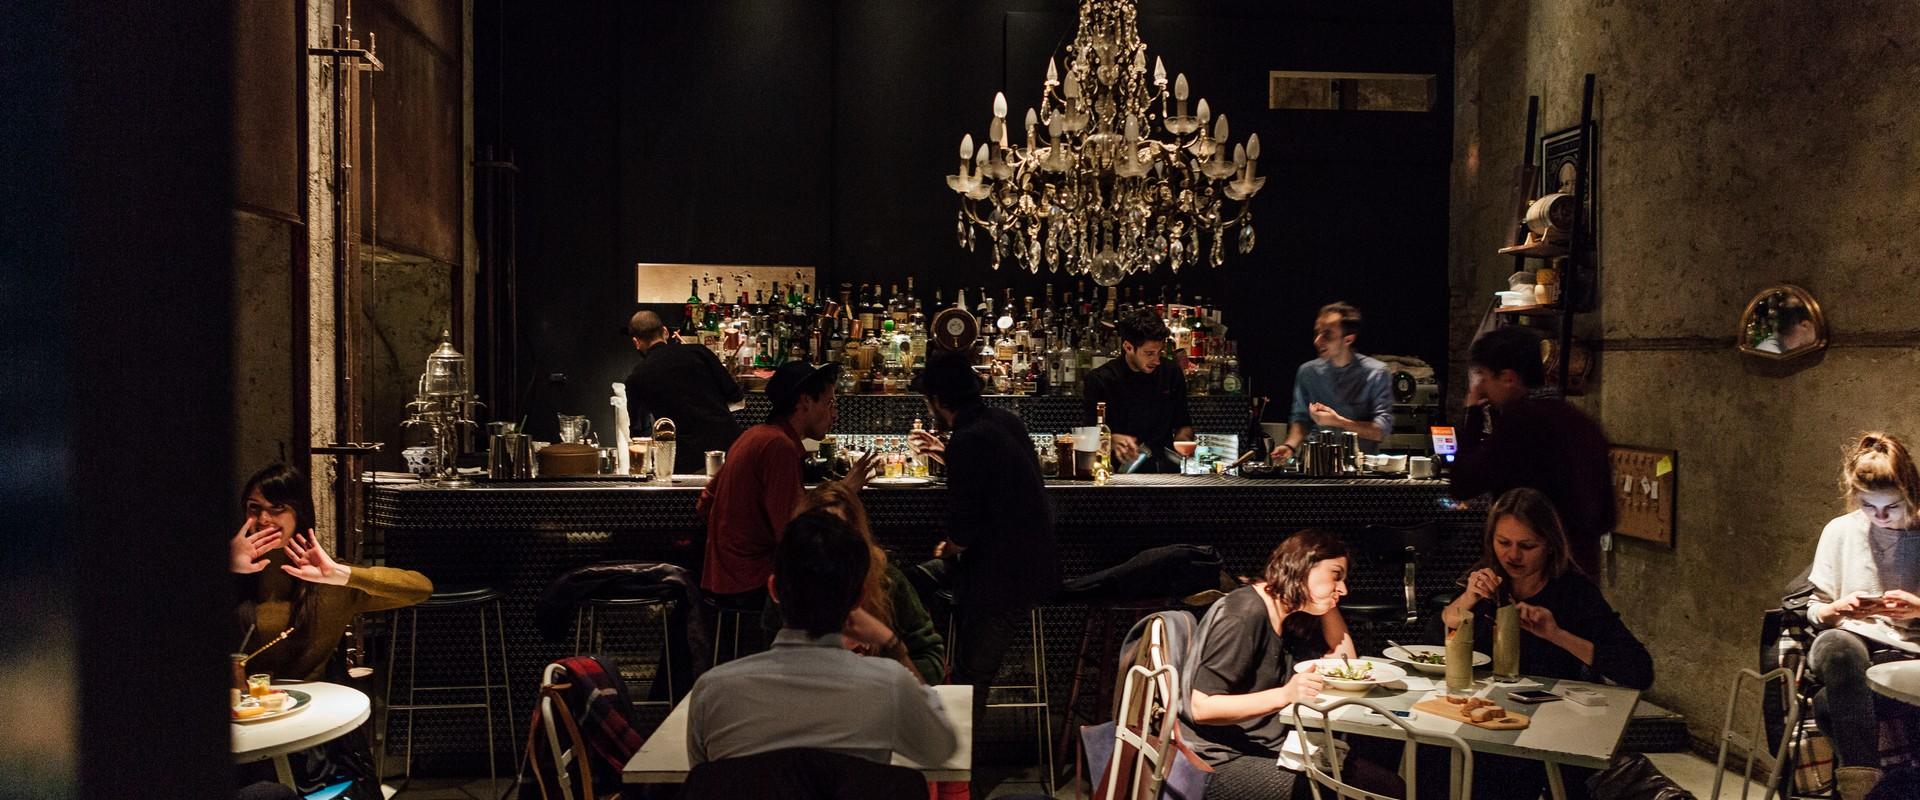 Bar ristorante cracco milano emmelle arredamenti for Lavoro arredamento milano